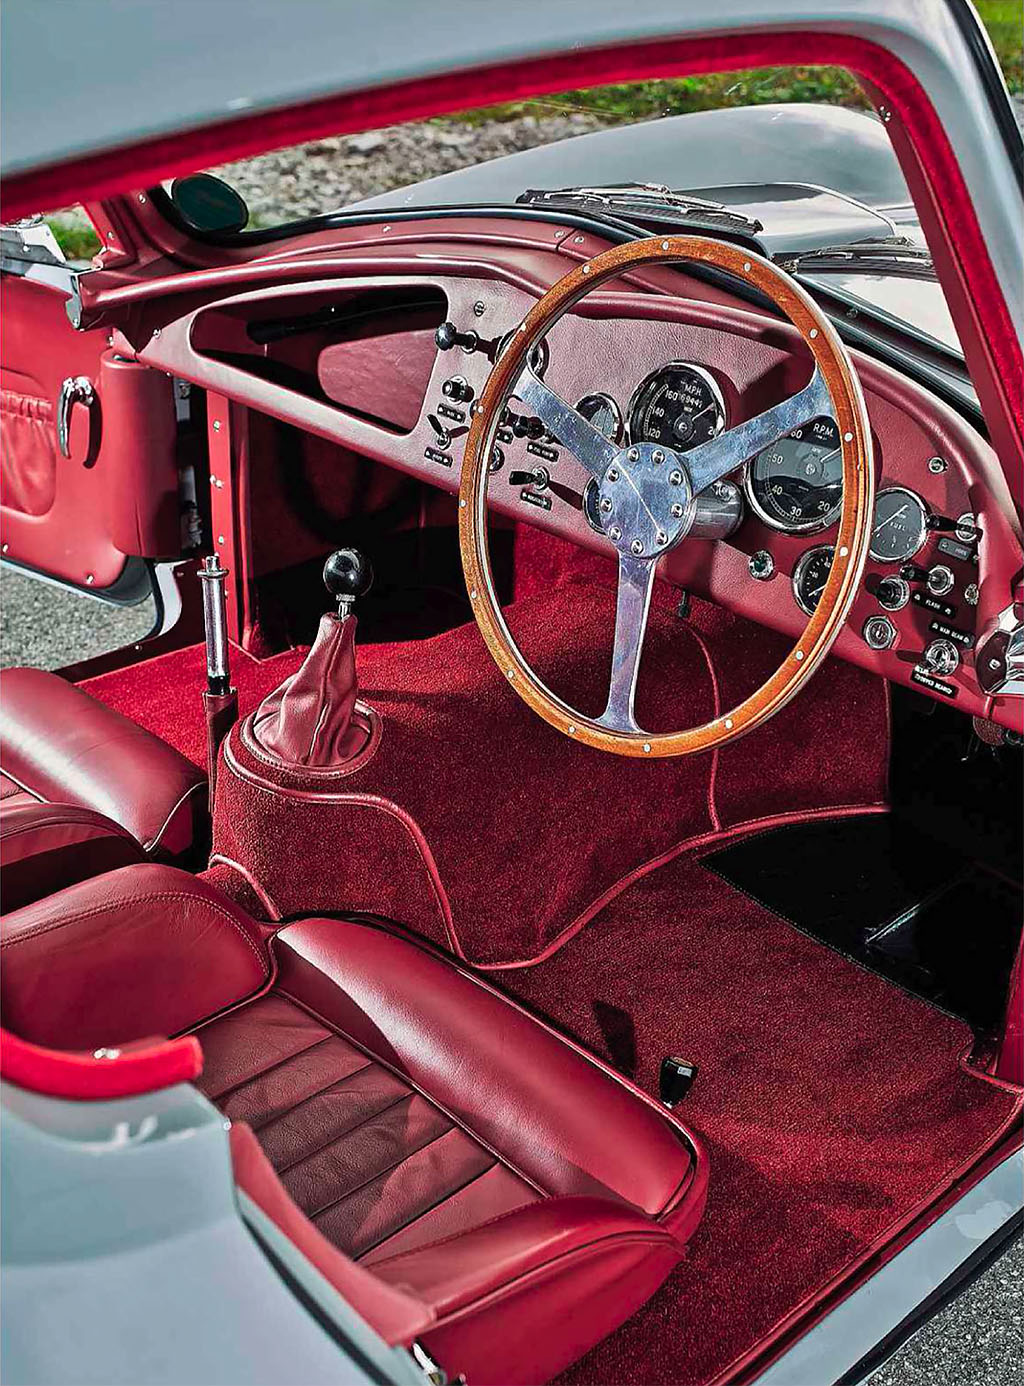 Aston Martin DB3S Coupe - interior